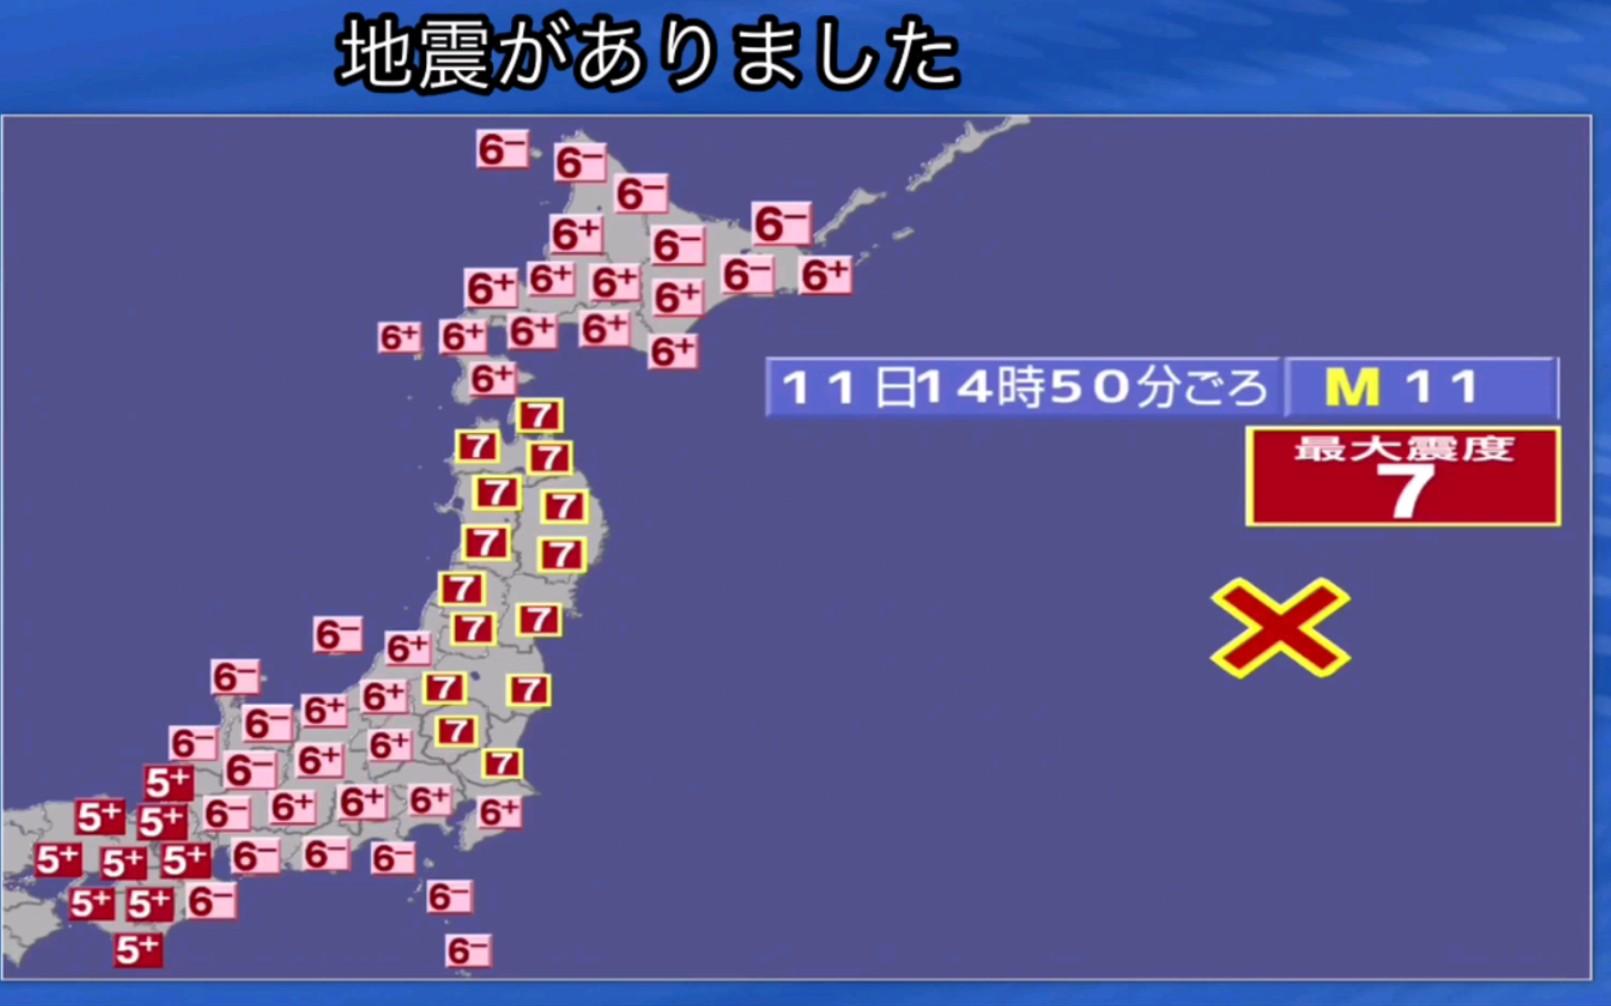 震度 3.11